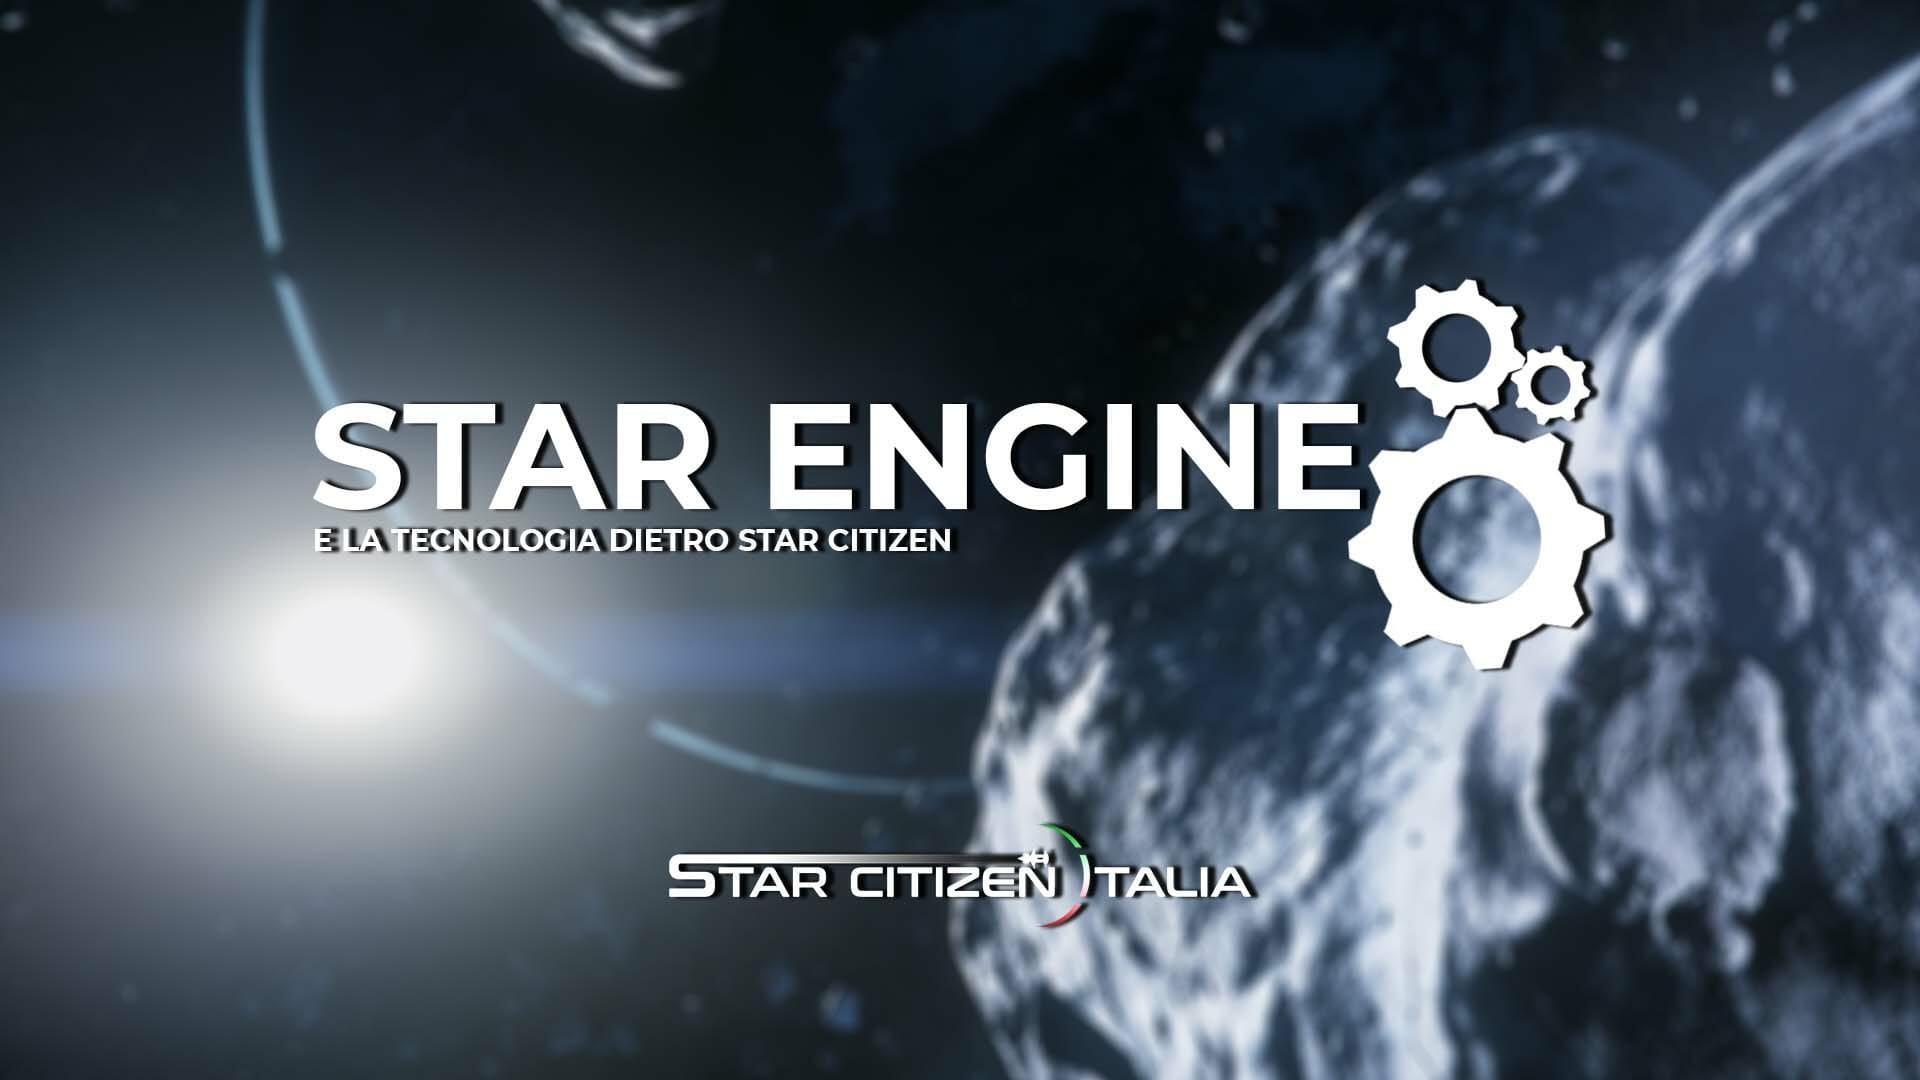 Star Engine e la tecnologia dietro Star Citizen